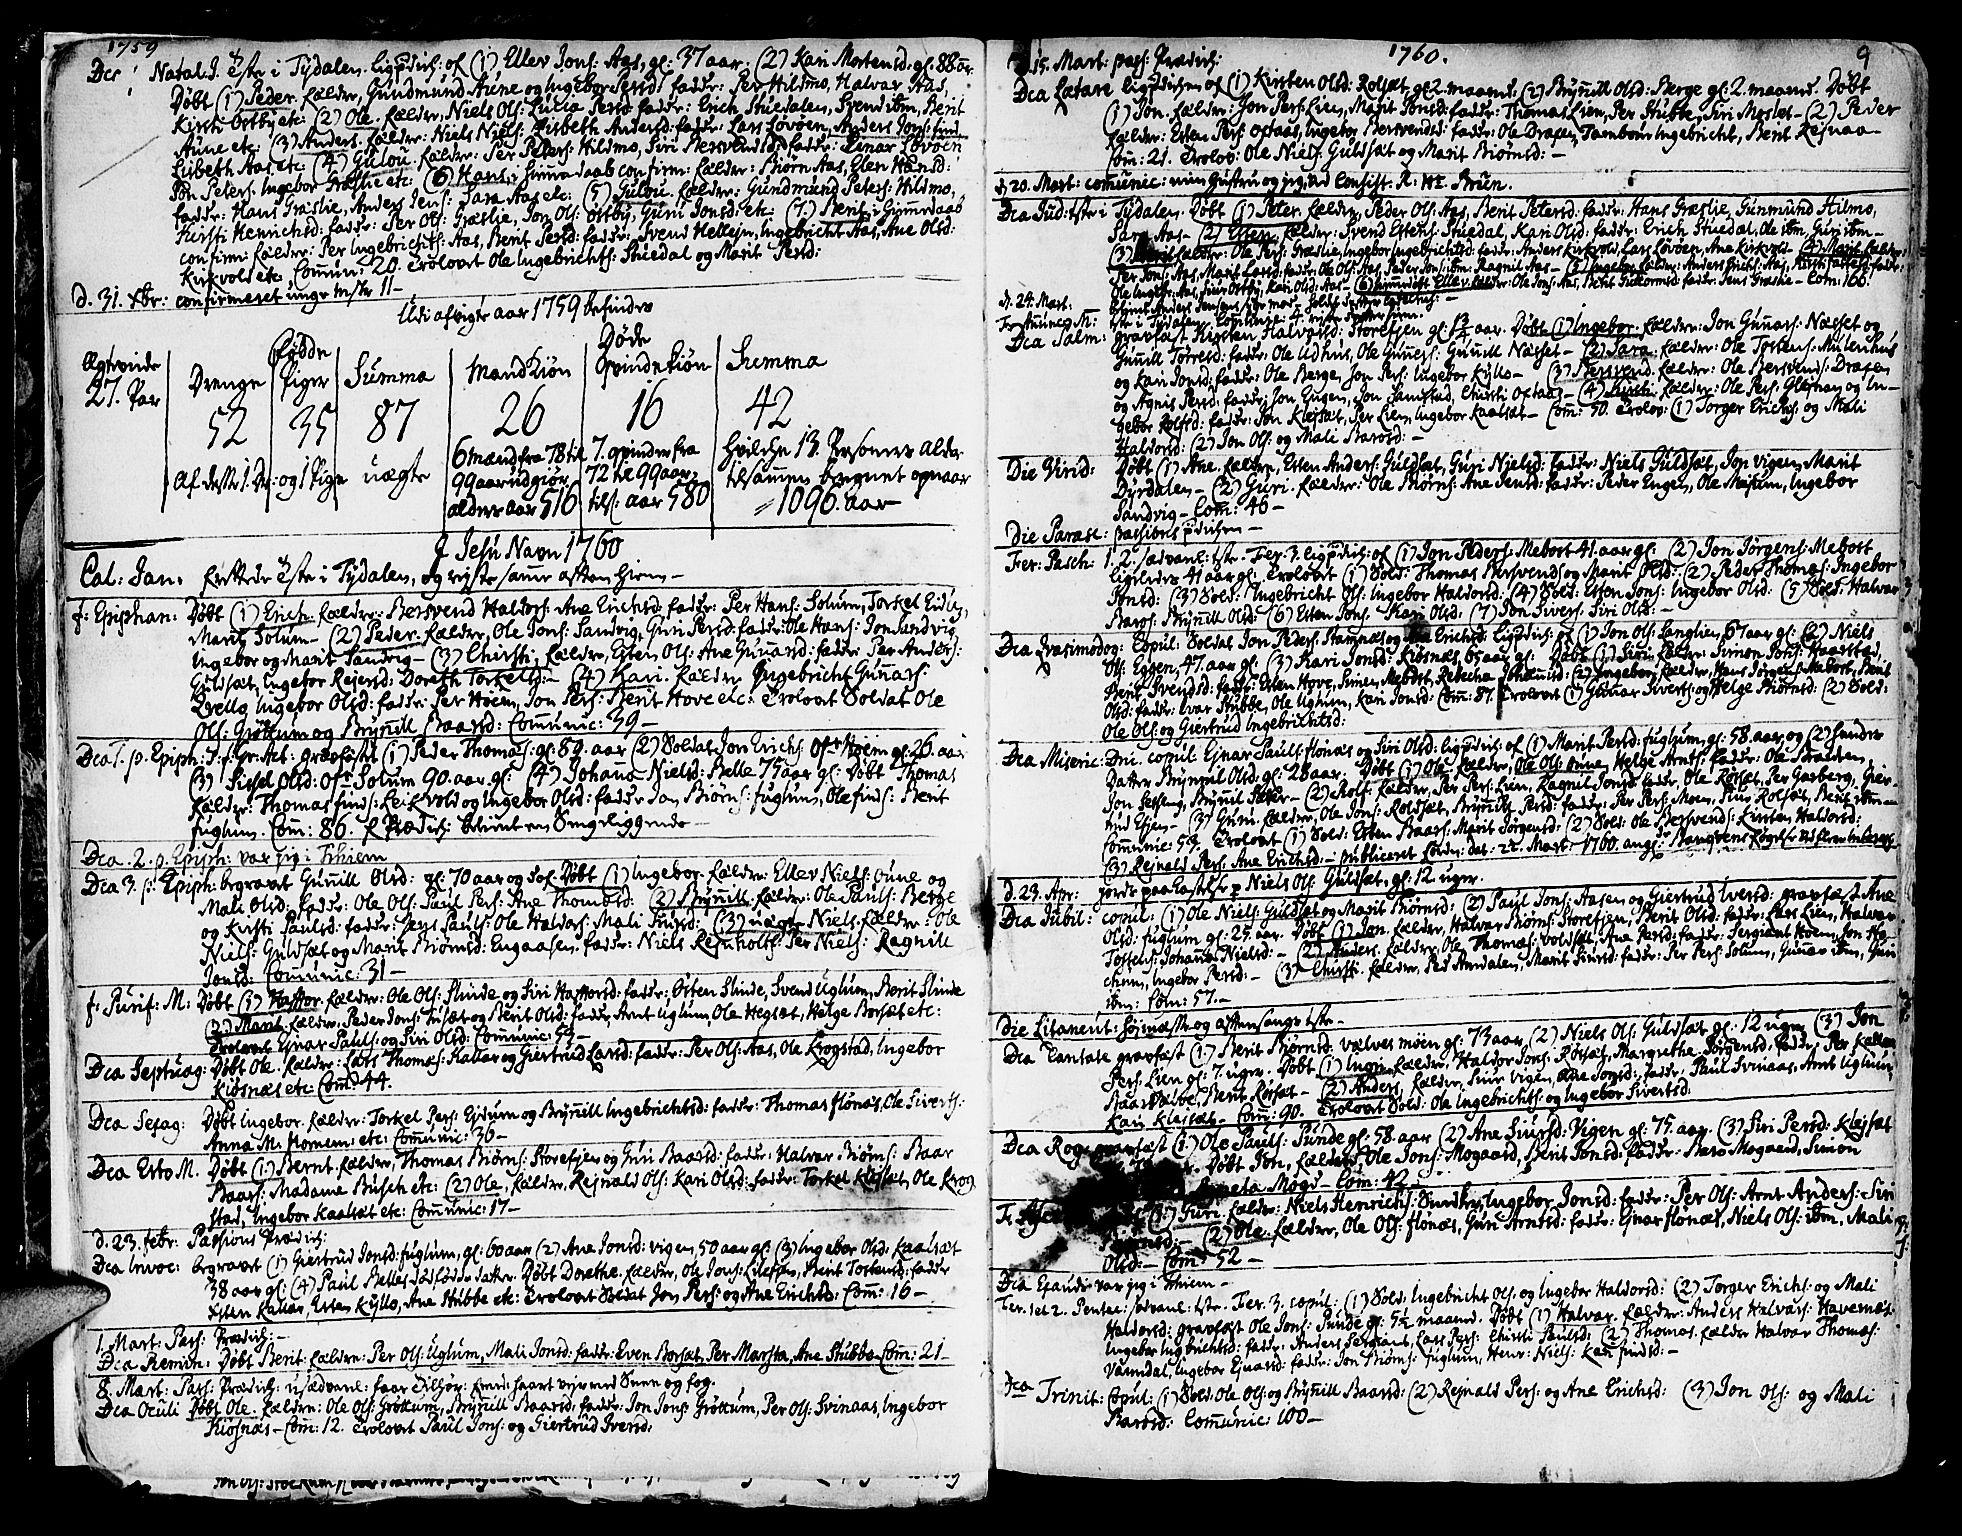 SAT, Ministerialprotokoller, klokkerbøker og fødselsregistre - Sør-Trøndelag, 695/L1138: Ministerialbok nr. 695A02 /1, 1757-1801, s. 9